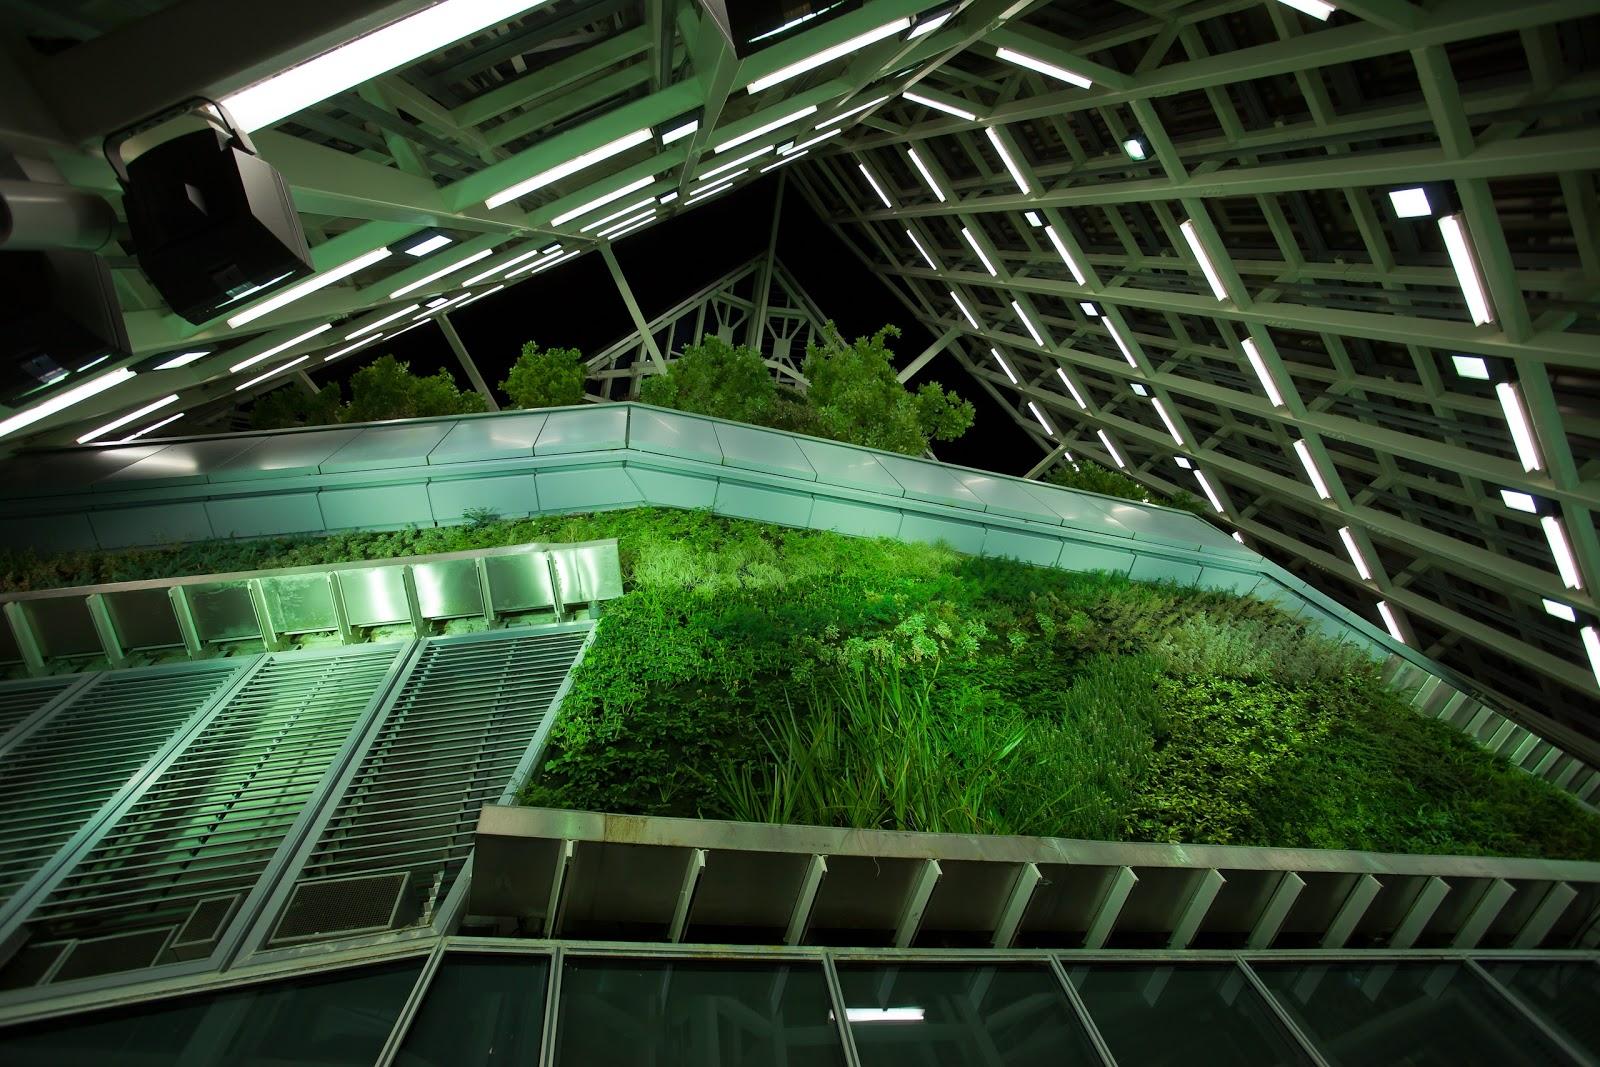 Mantenimiento de un jard n vertical isla verde jardines - Mantenimiento de un jardin ...